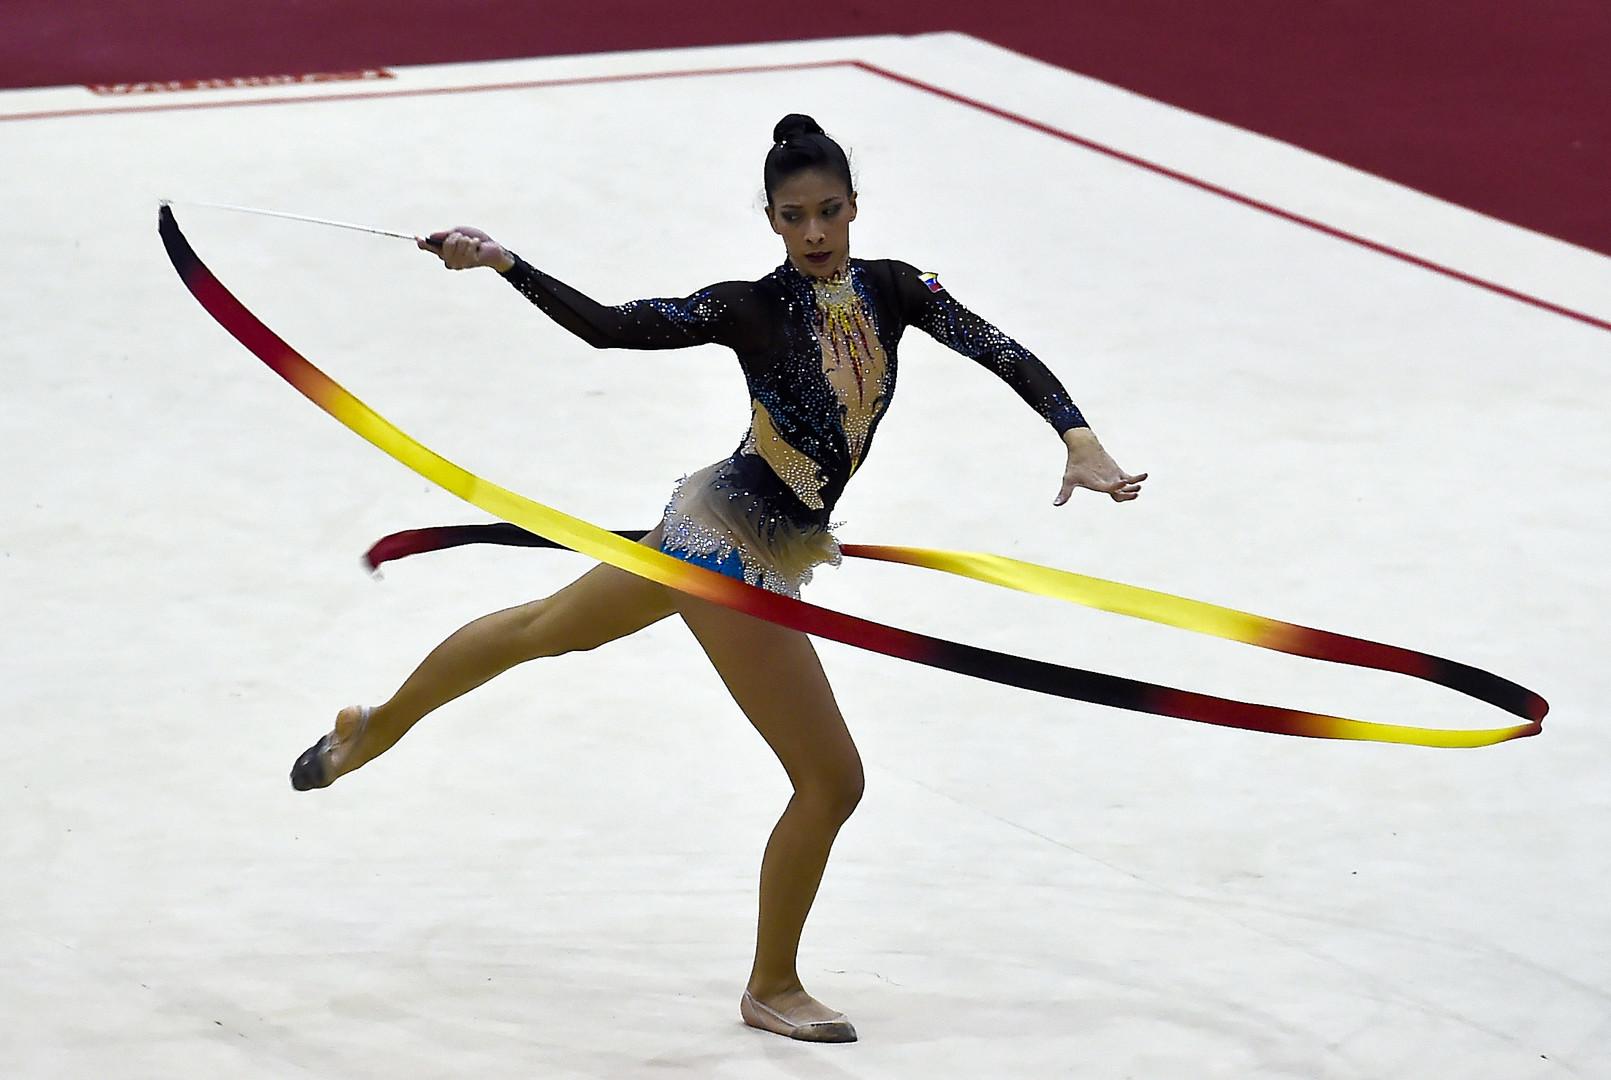 روسيا تحتضن 10 أحداث رياضية دولية في 2014